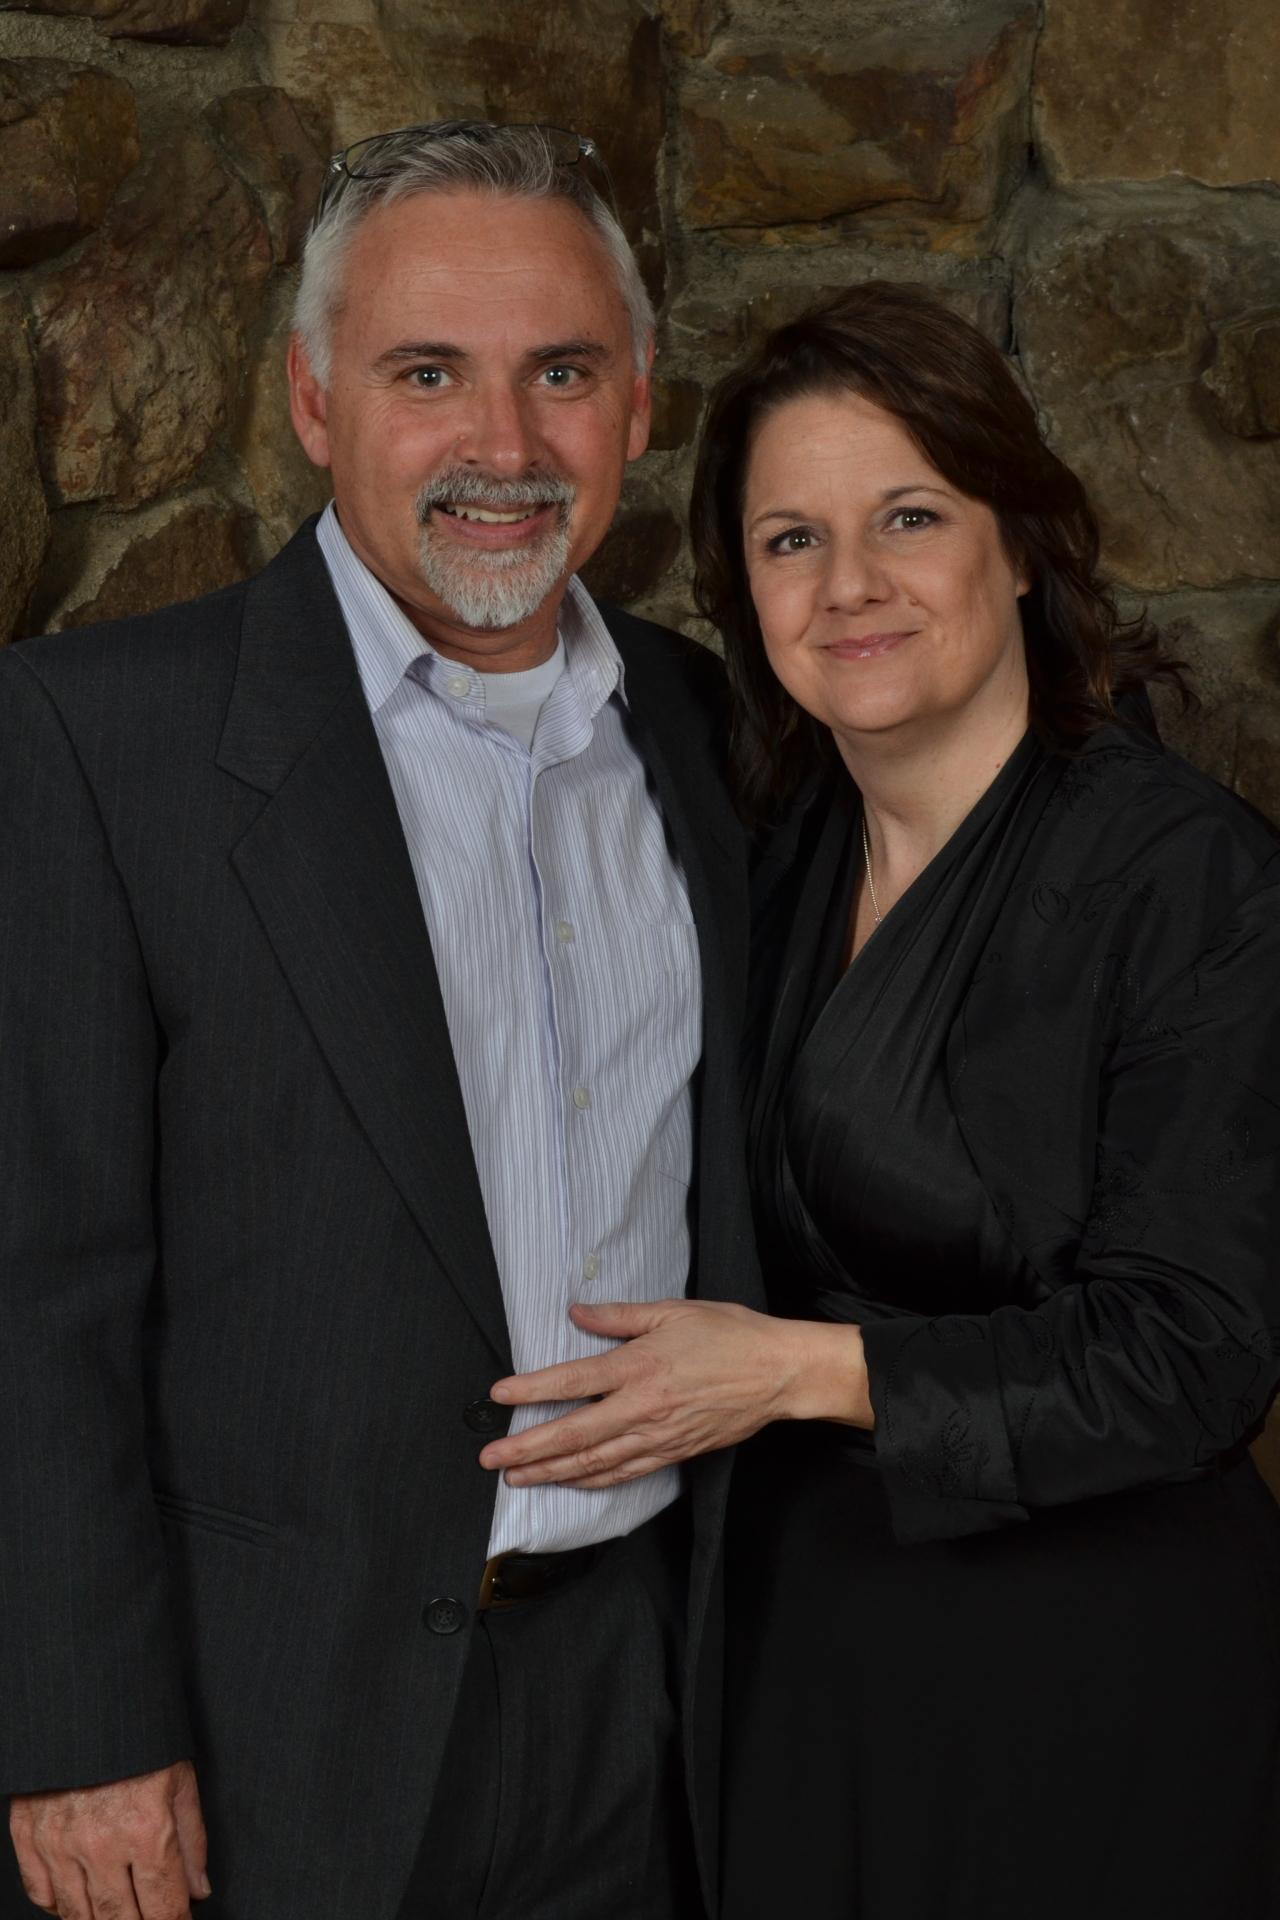 Bill and Debra